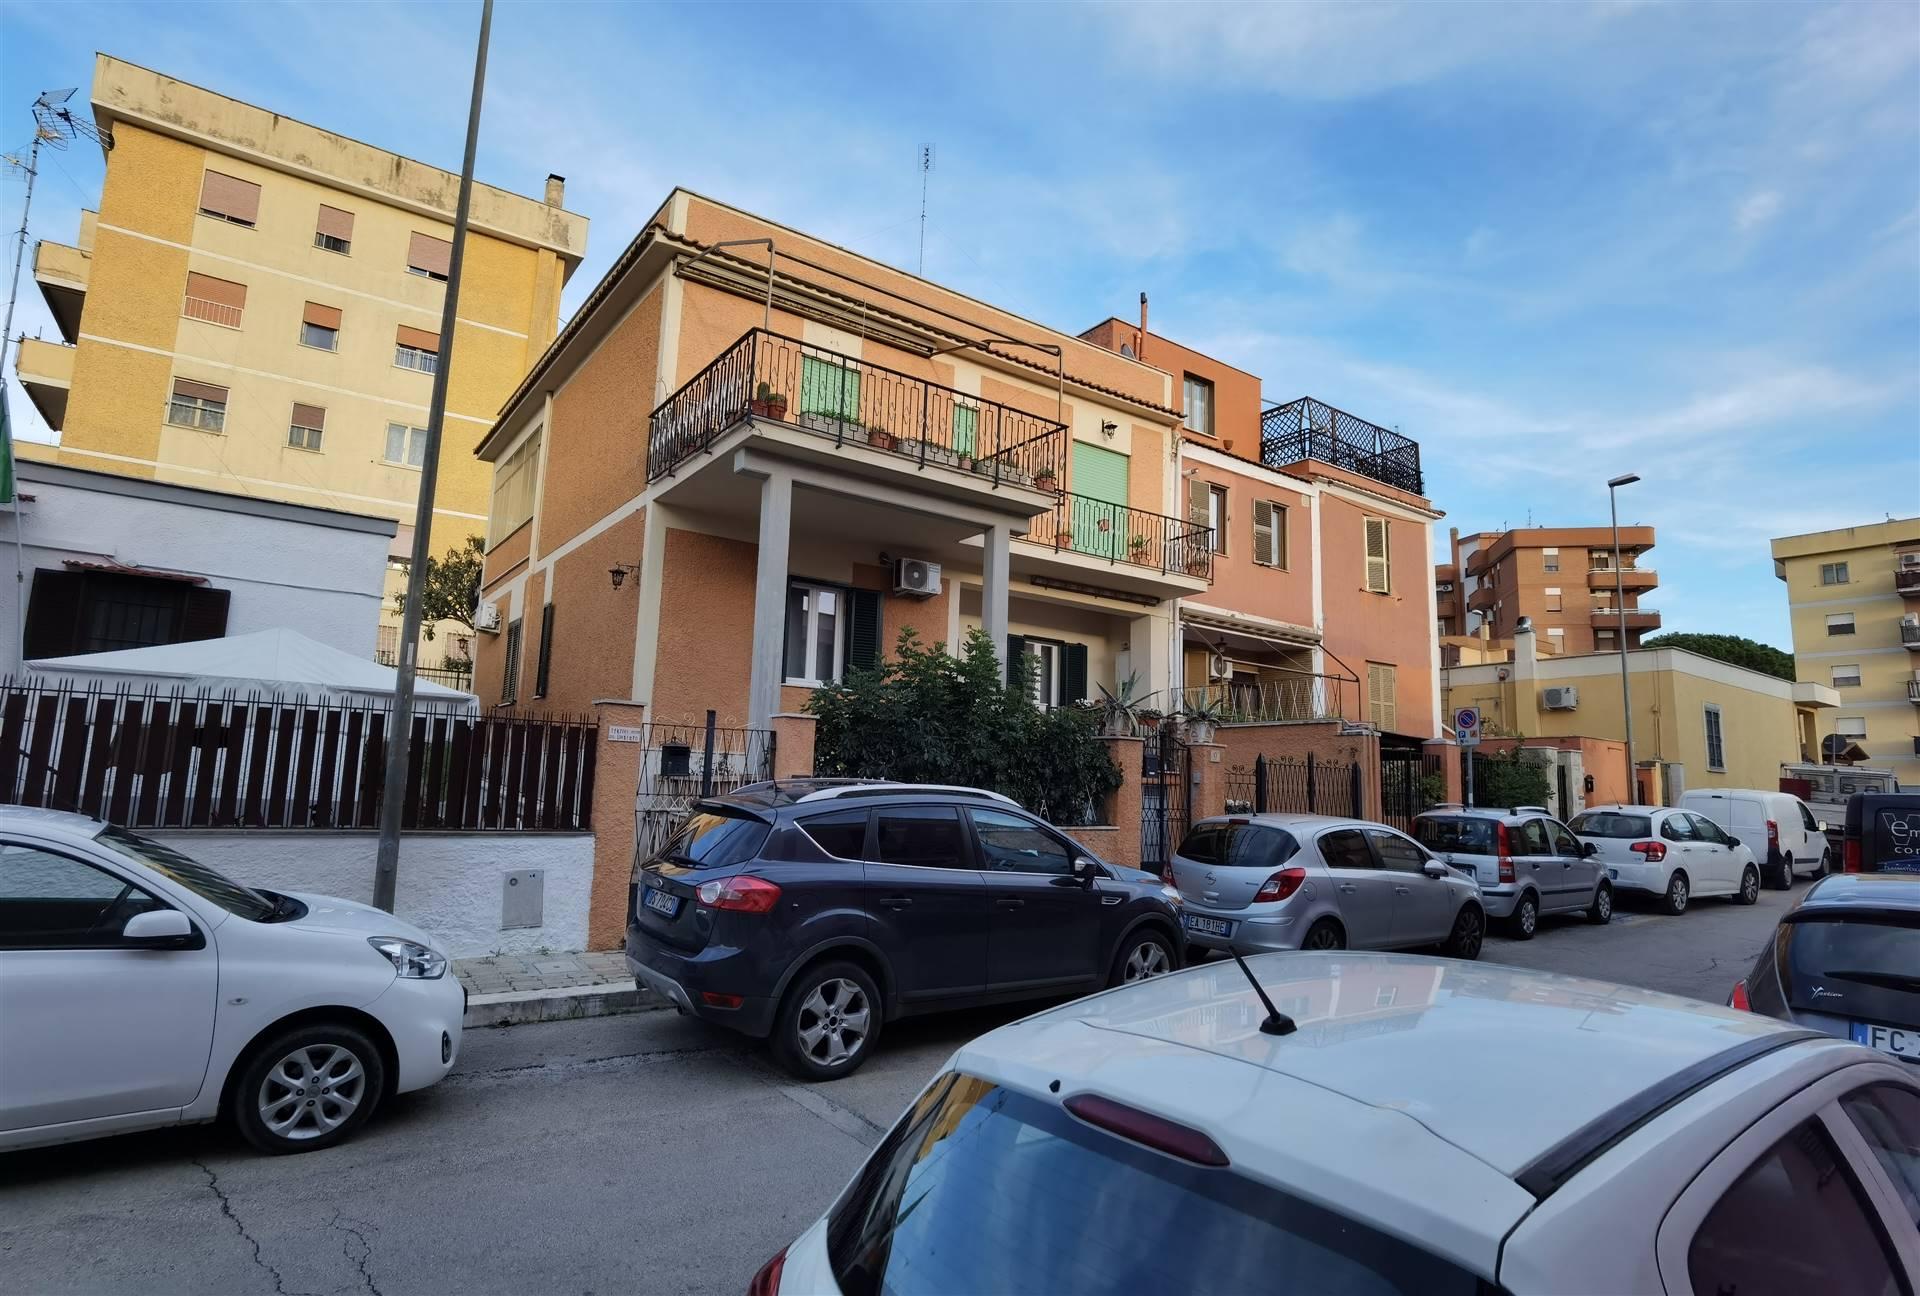 Appartamento di 119 Mq., luminoso e ben esposto. ingresso indipendente. L'appartamento è posto al primo piano, ed è composto da ingresso, soggiorno